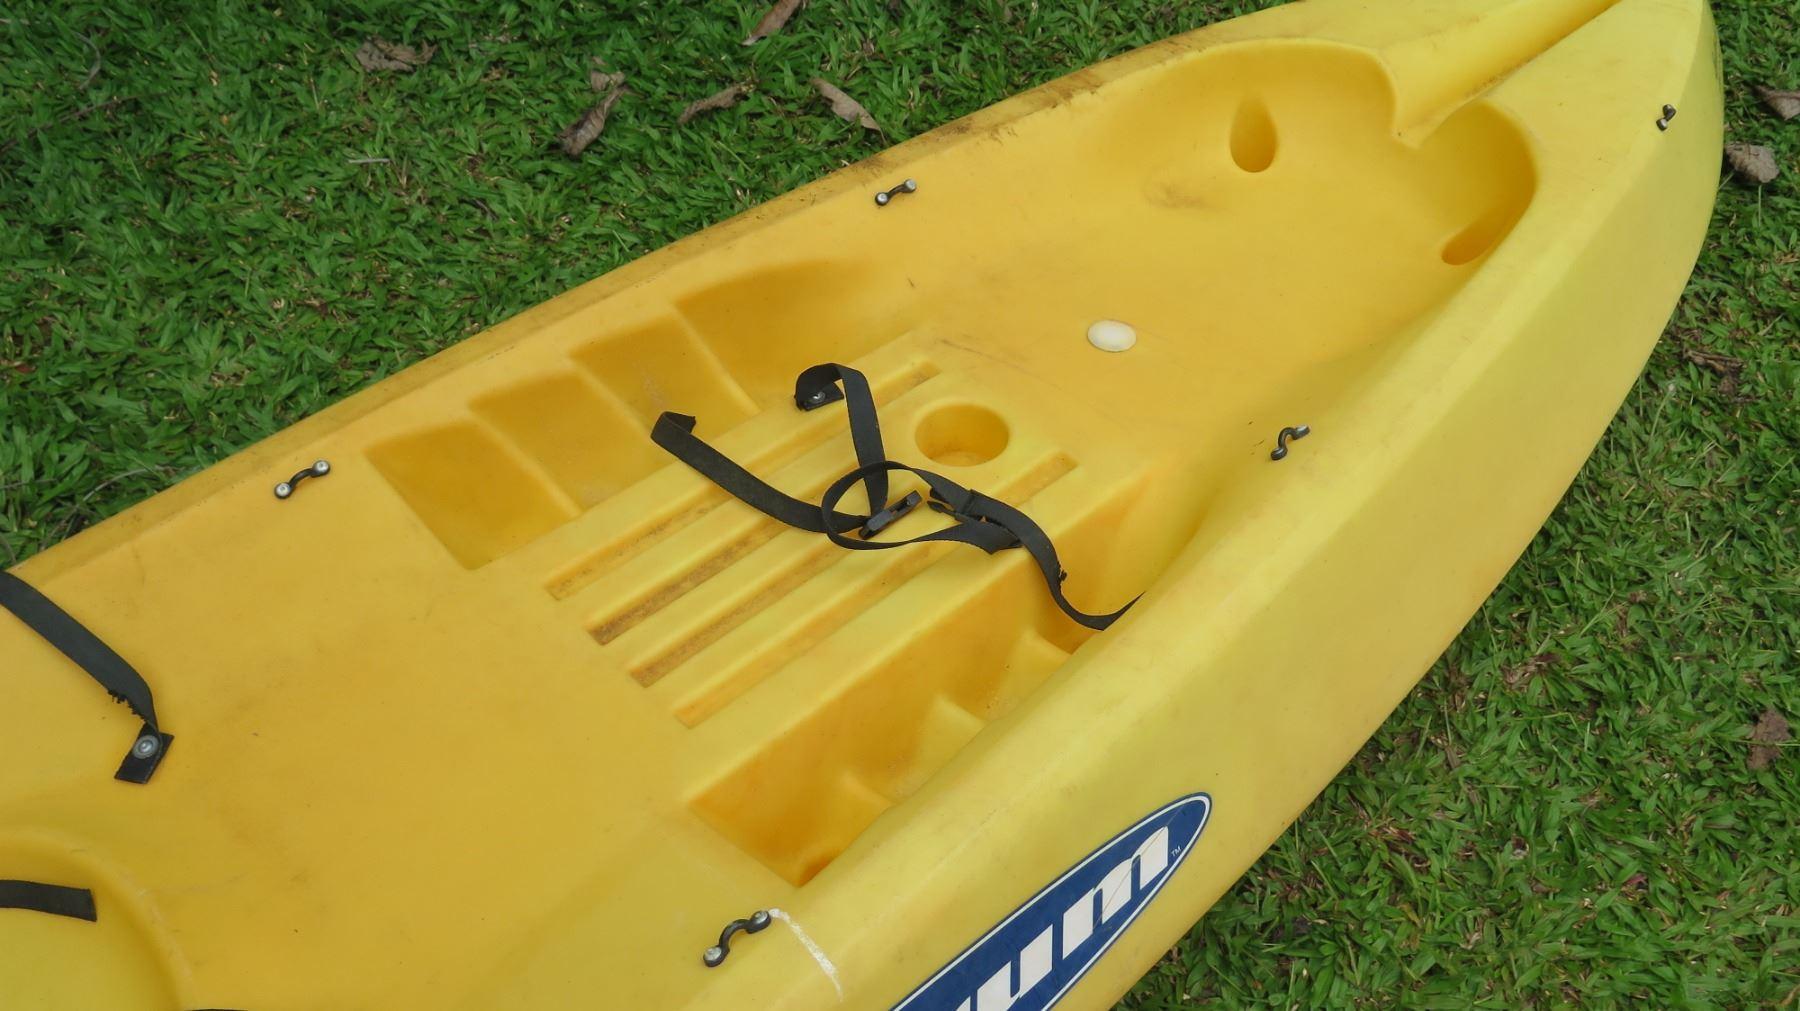 Spectrum Kayaks Yellow Banana 2 Person Kayak